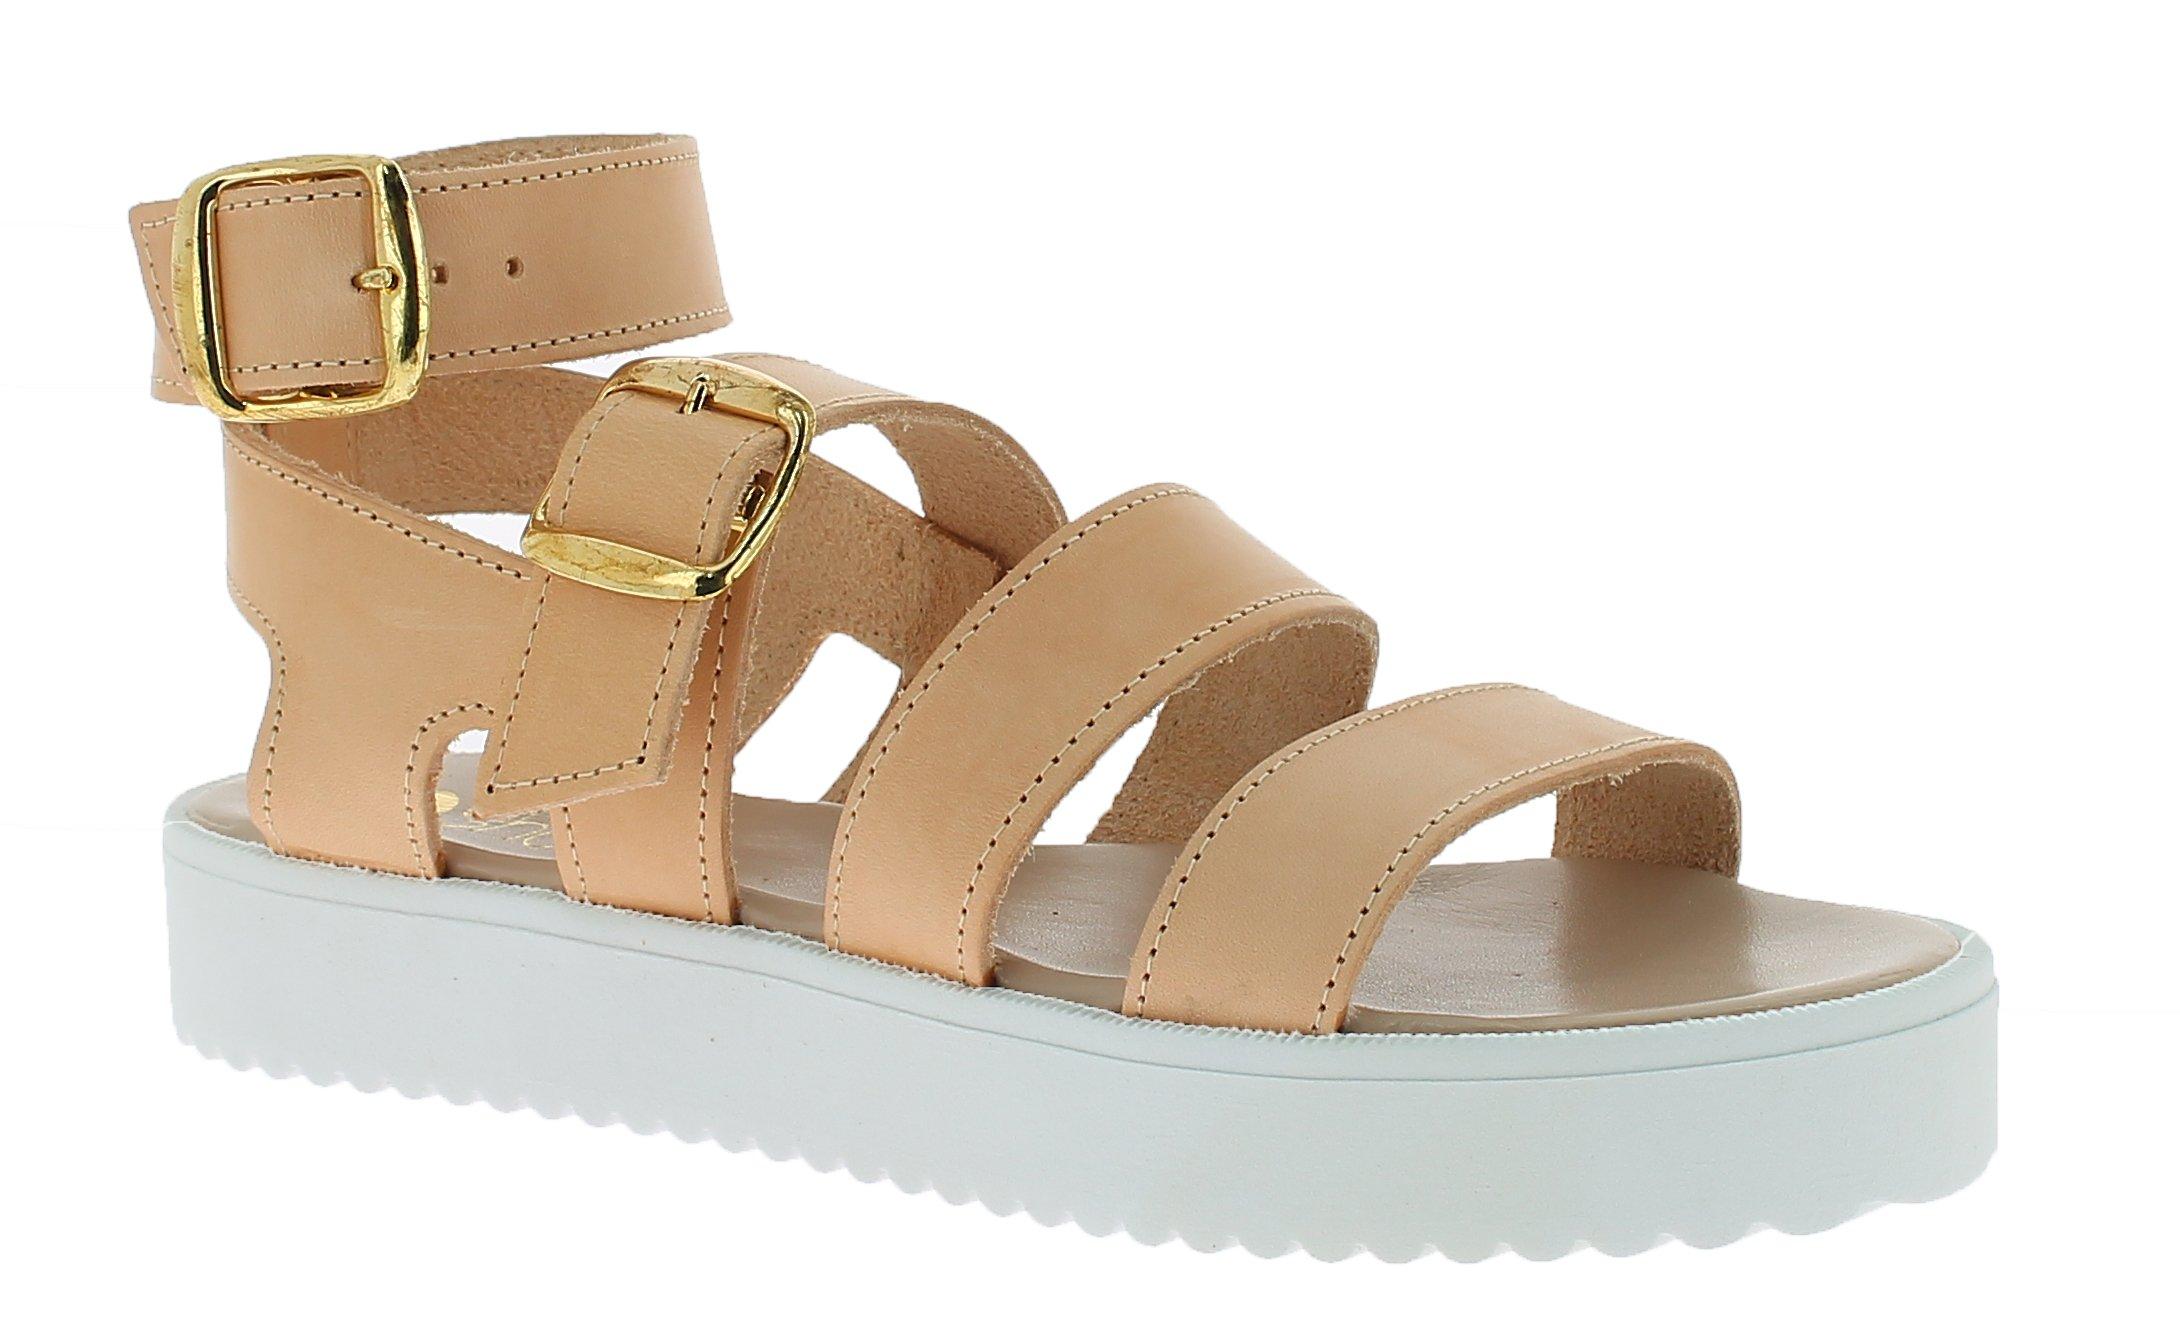 IQSHOES Γυναικείο Πέδιλο B85 Κάμελ - IqShoes - 50.B85 camel -camel-38/1/25/11 παπούτσια  προσφορεσ